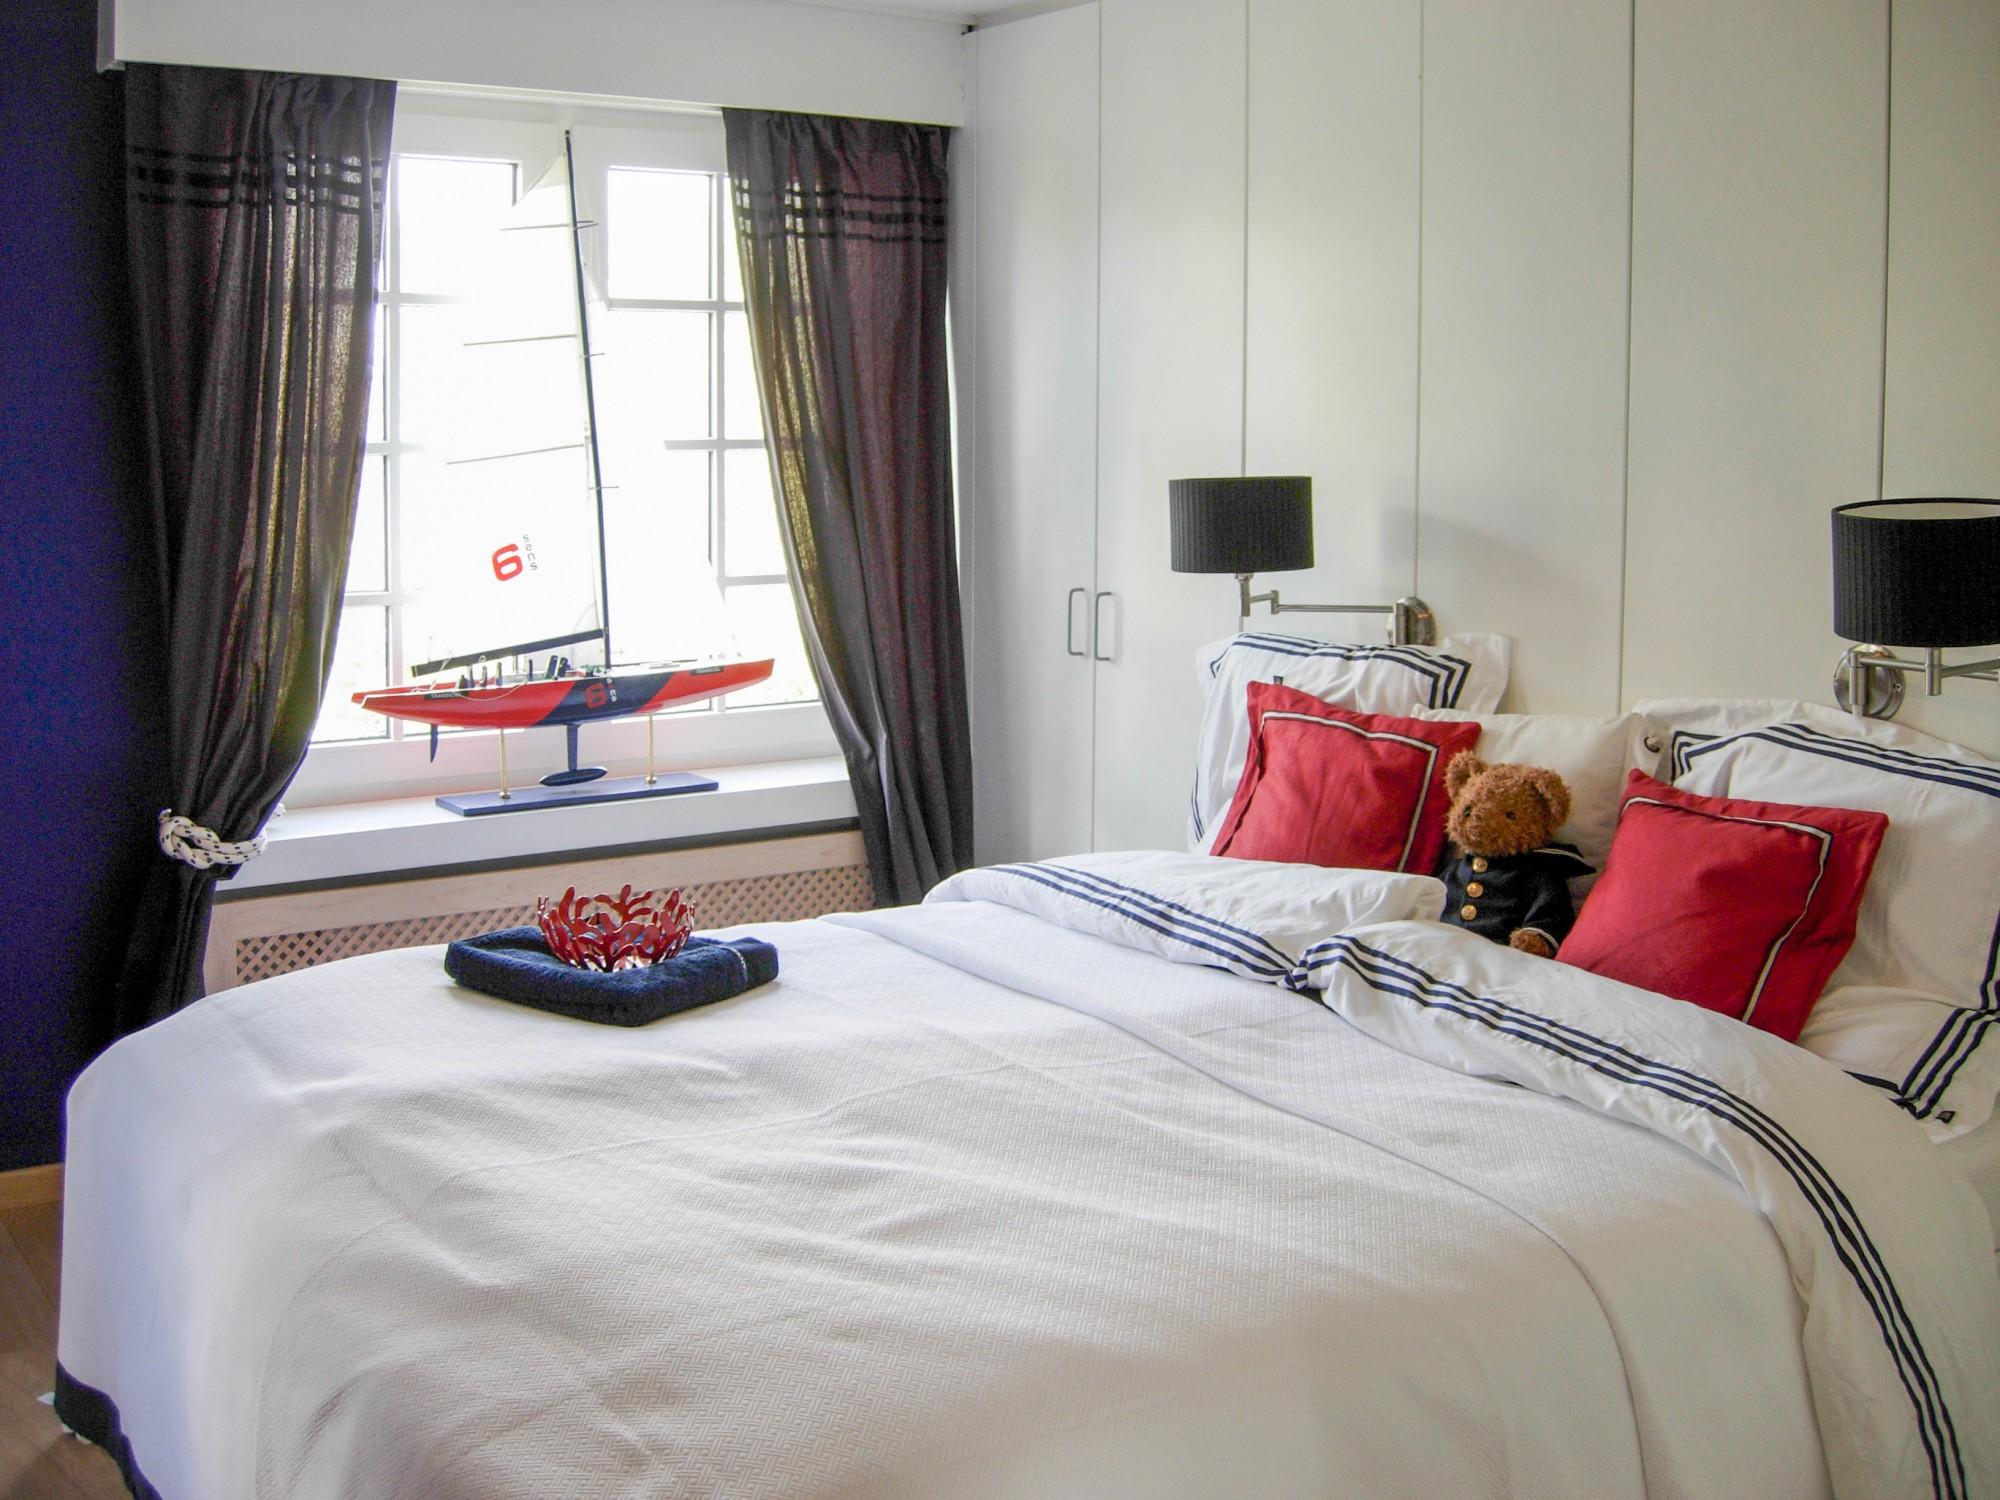 Location Maison 4 CH knokke-Heist - Maison très charmante situé dans le vieux Knokke